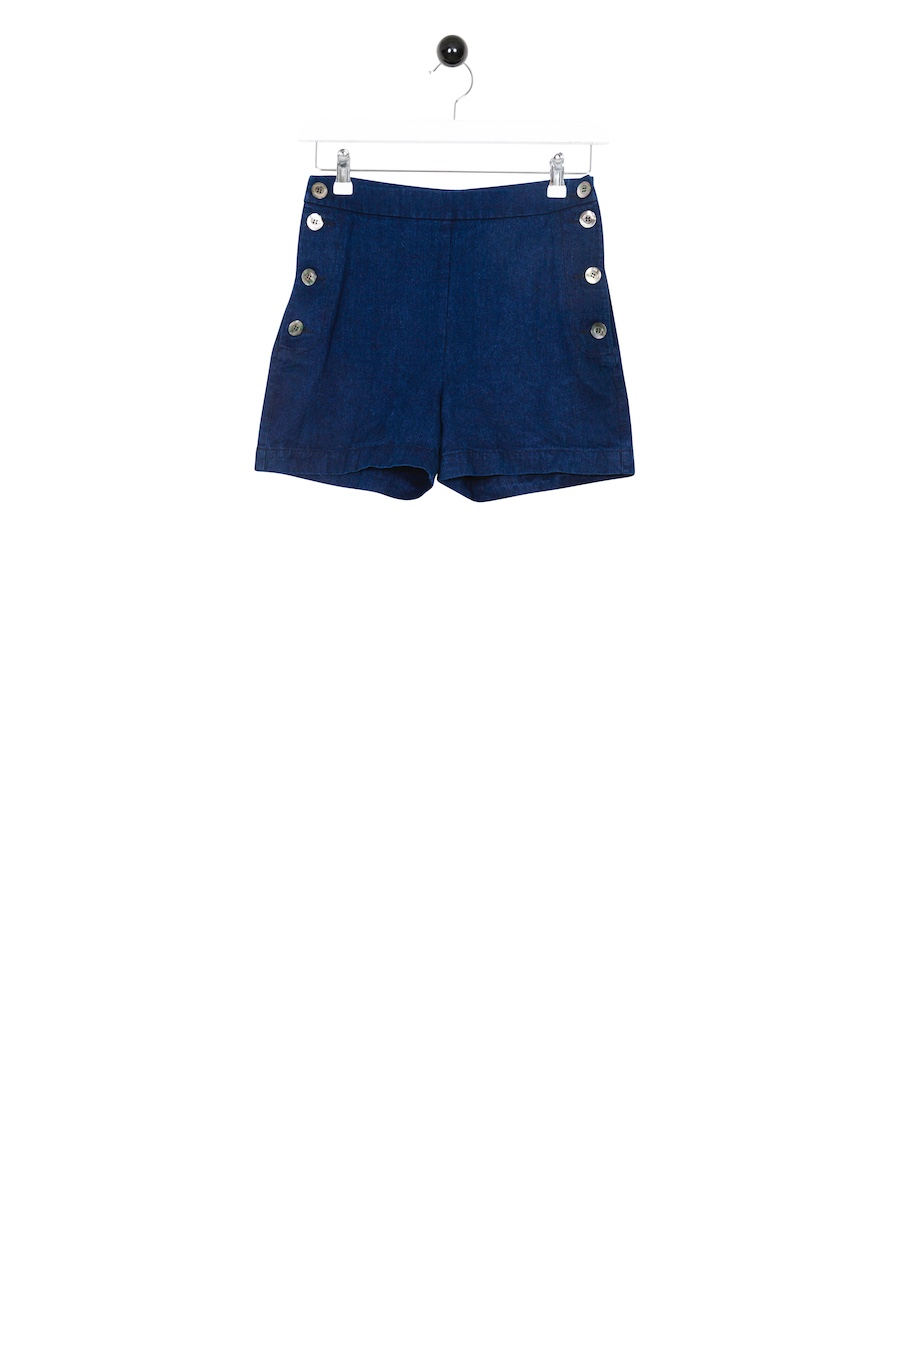 Kobolt Shorts